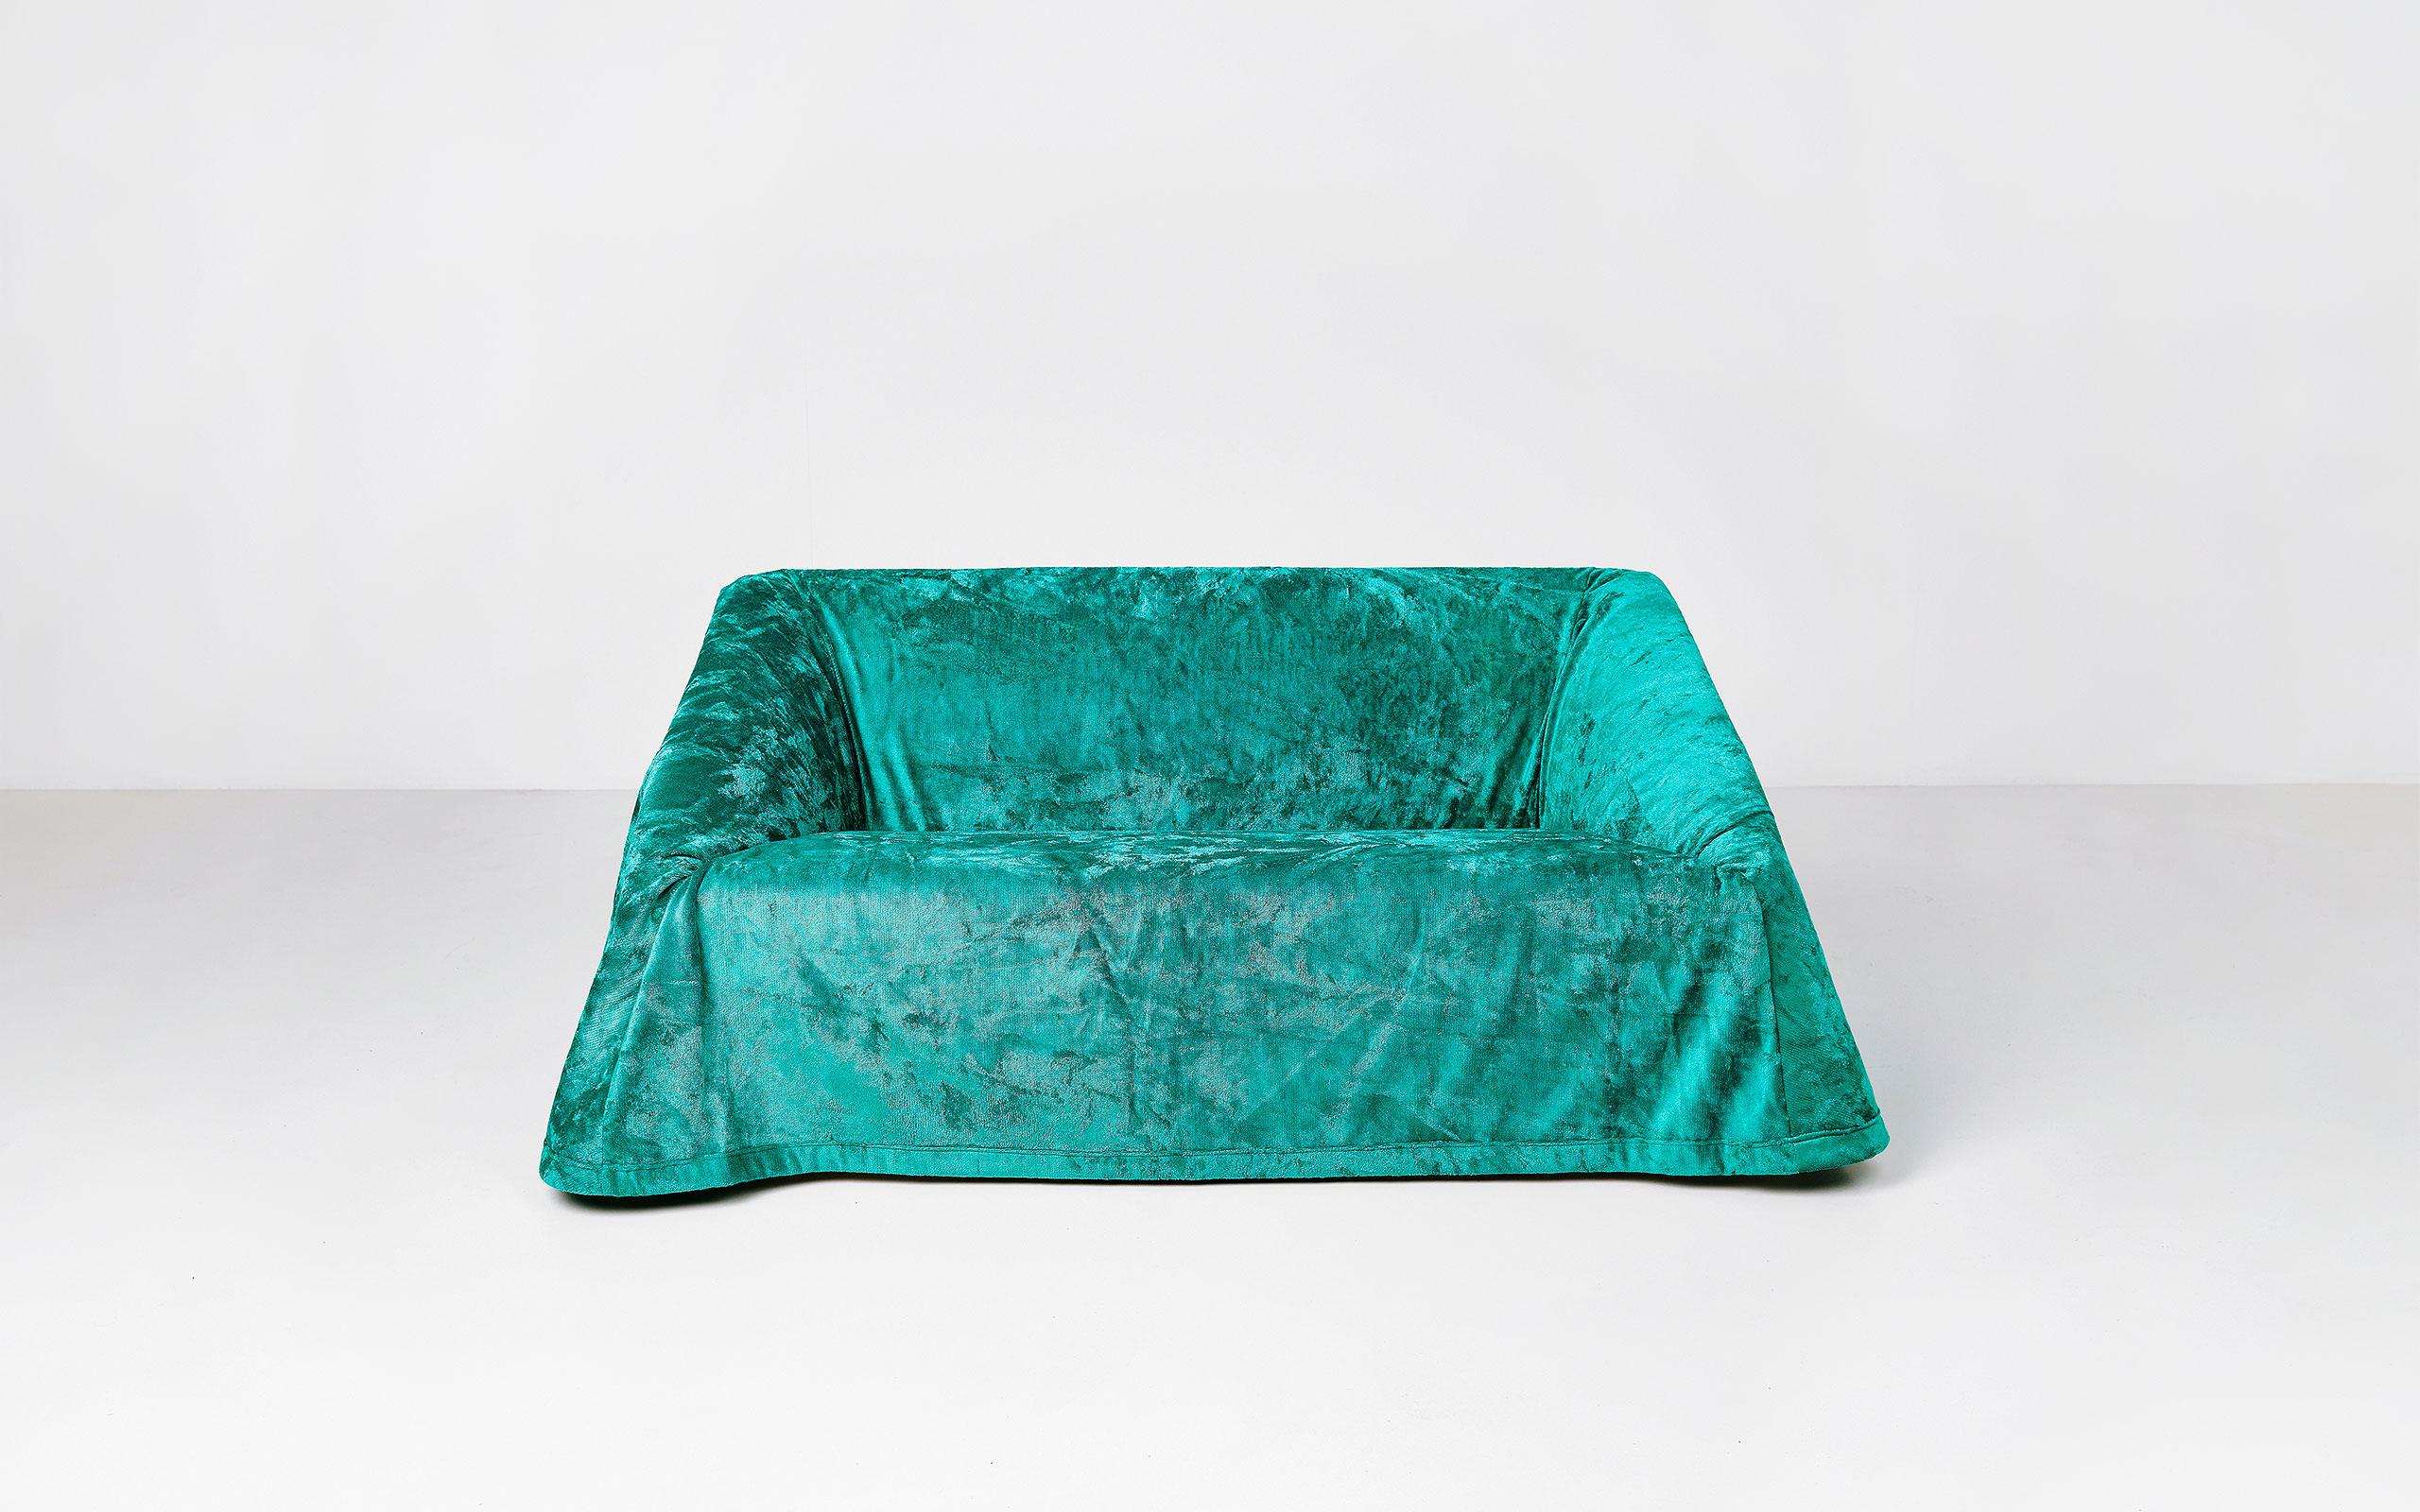 Mantilla sofa 160 by Kazuhide Takahama | Paradisoterrestre